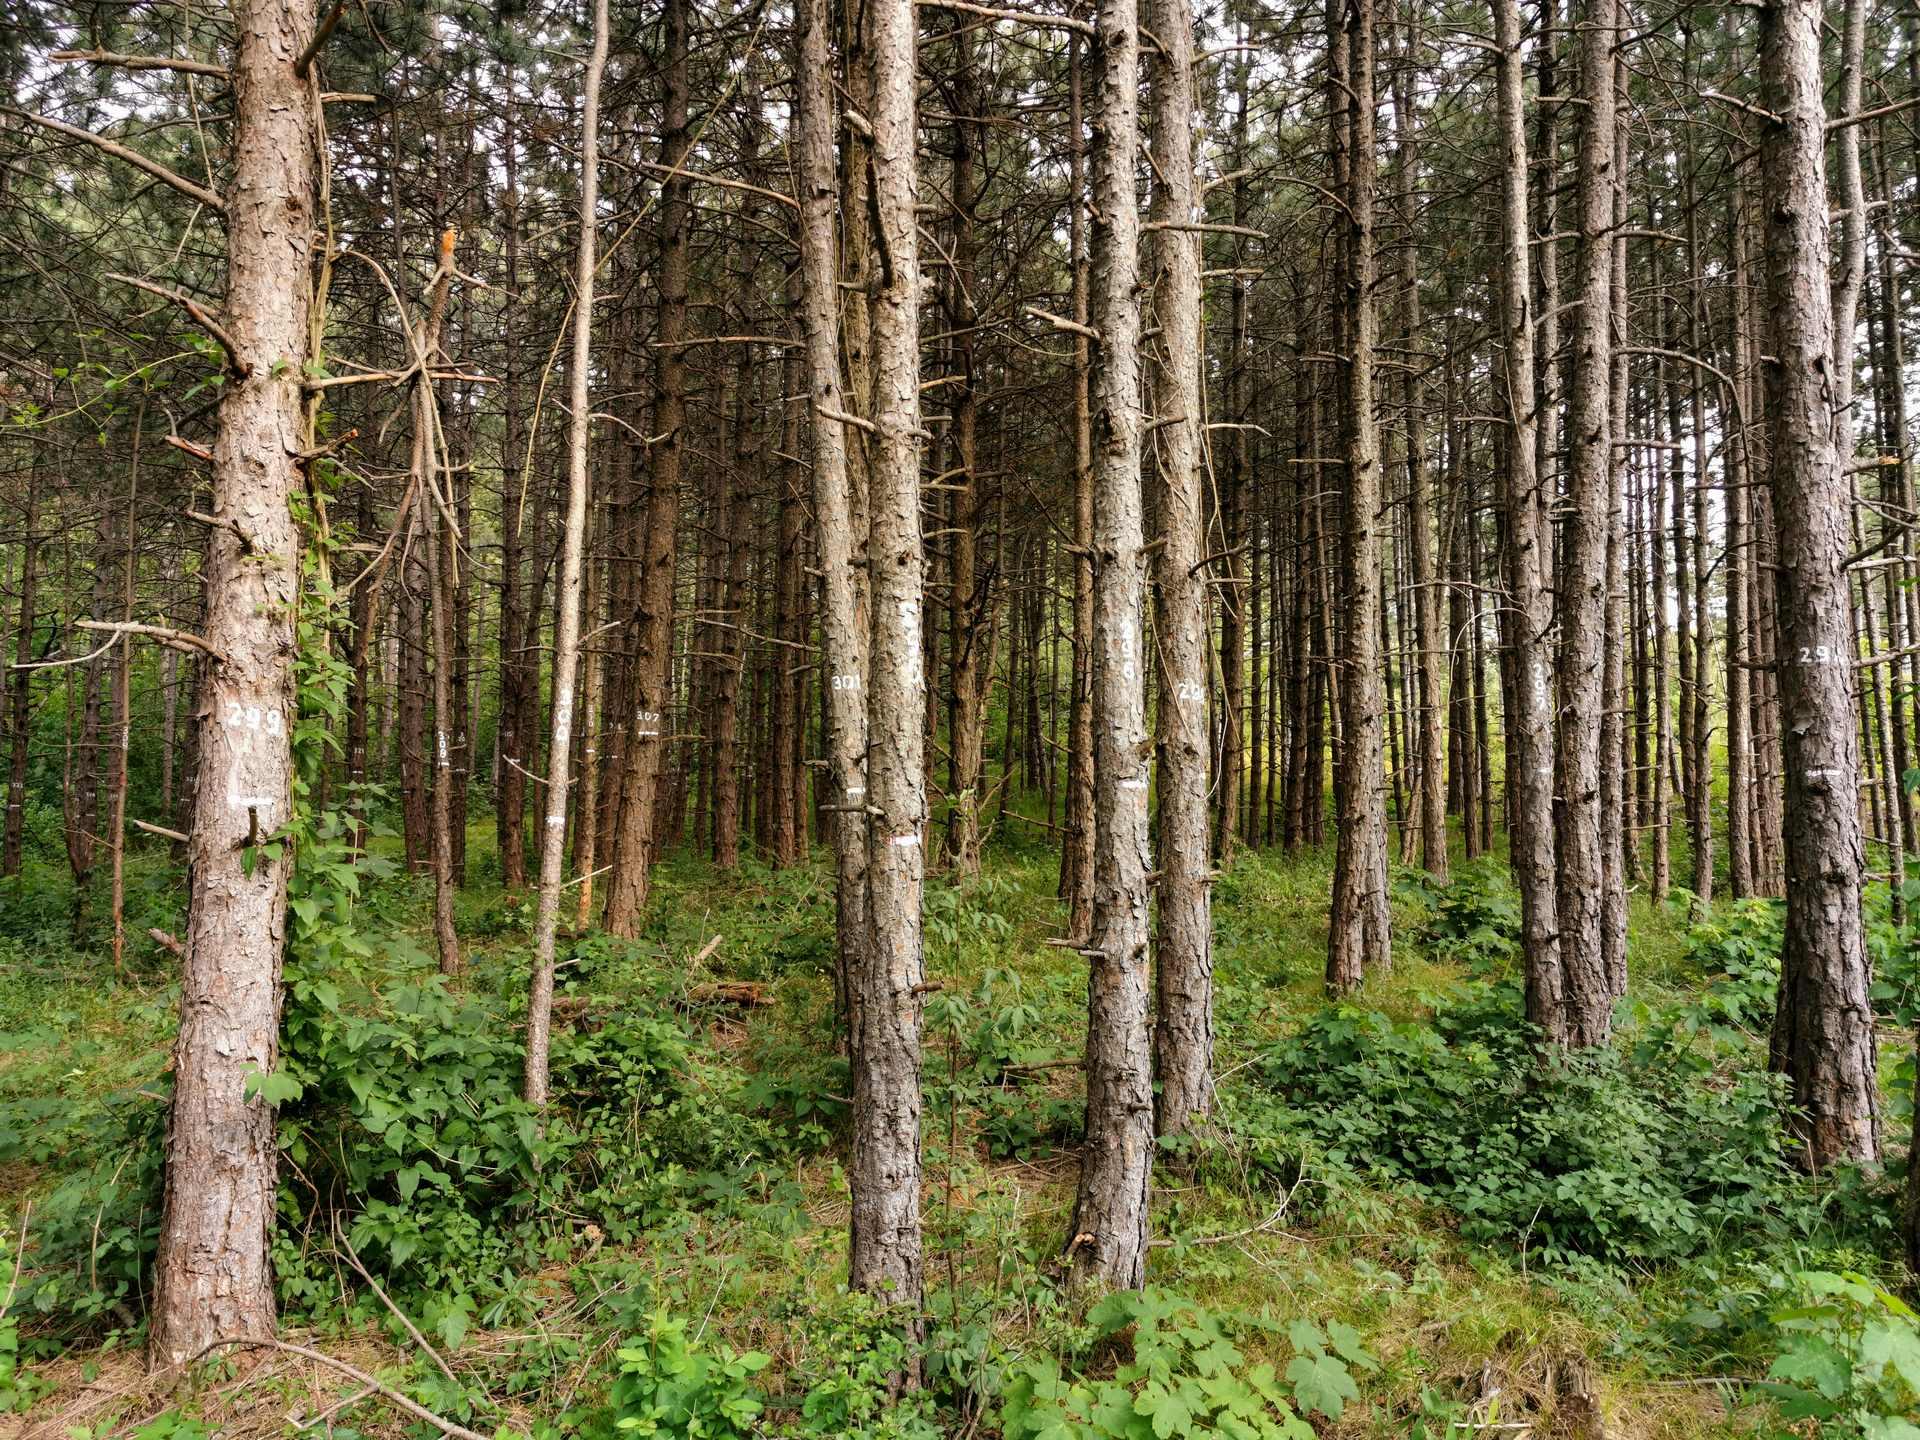 Nullfläche - hier wurde kein Baum gefällt